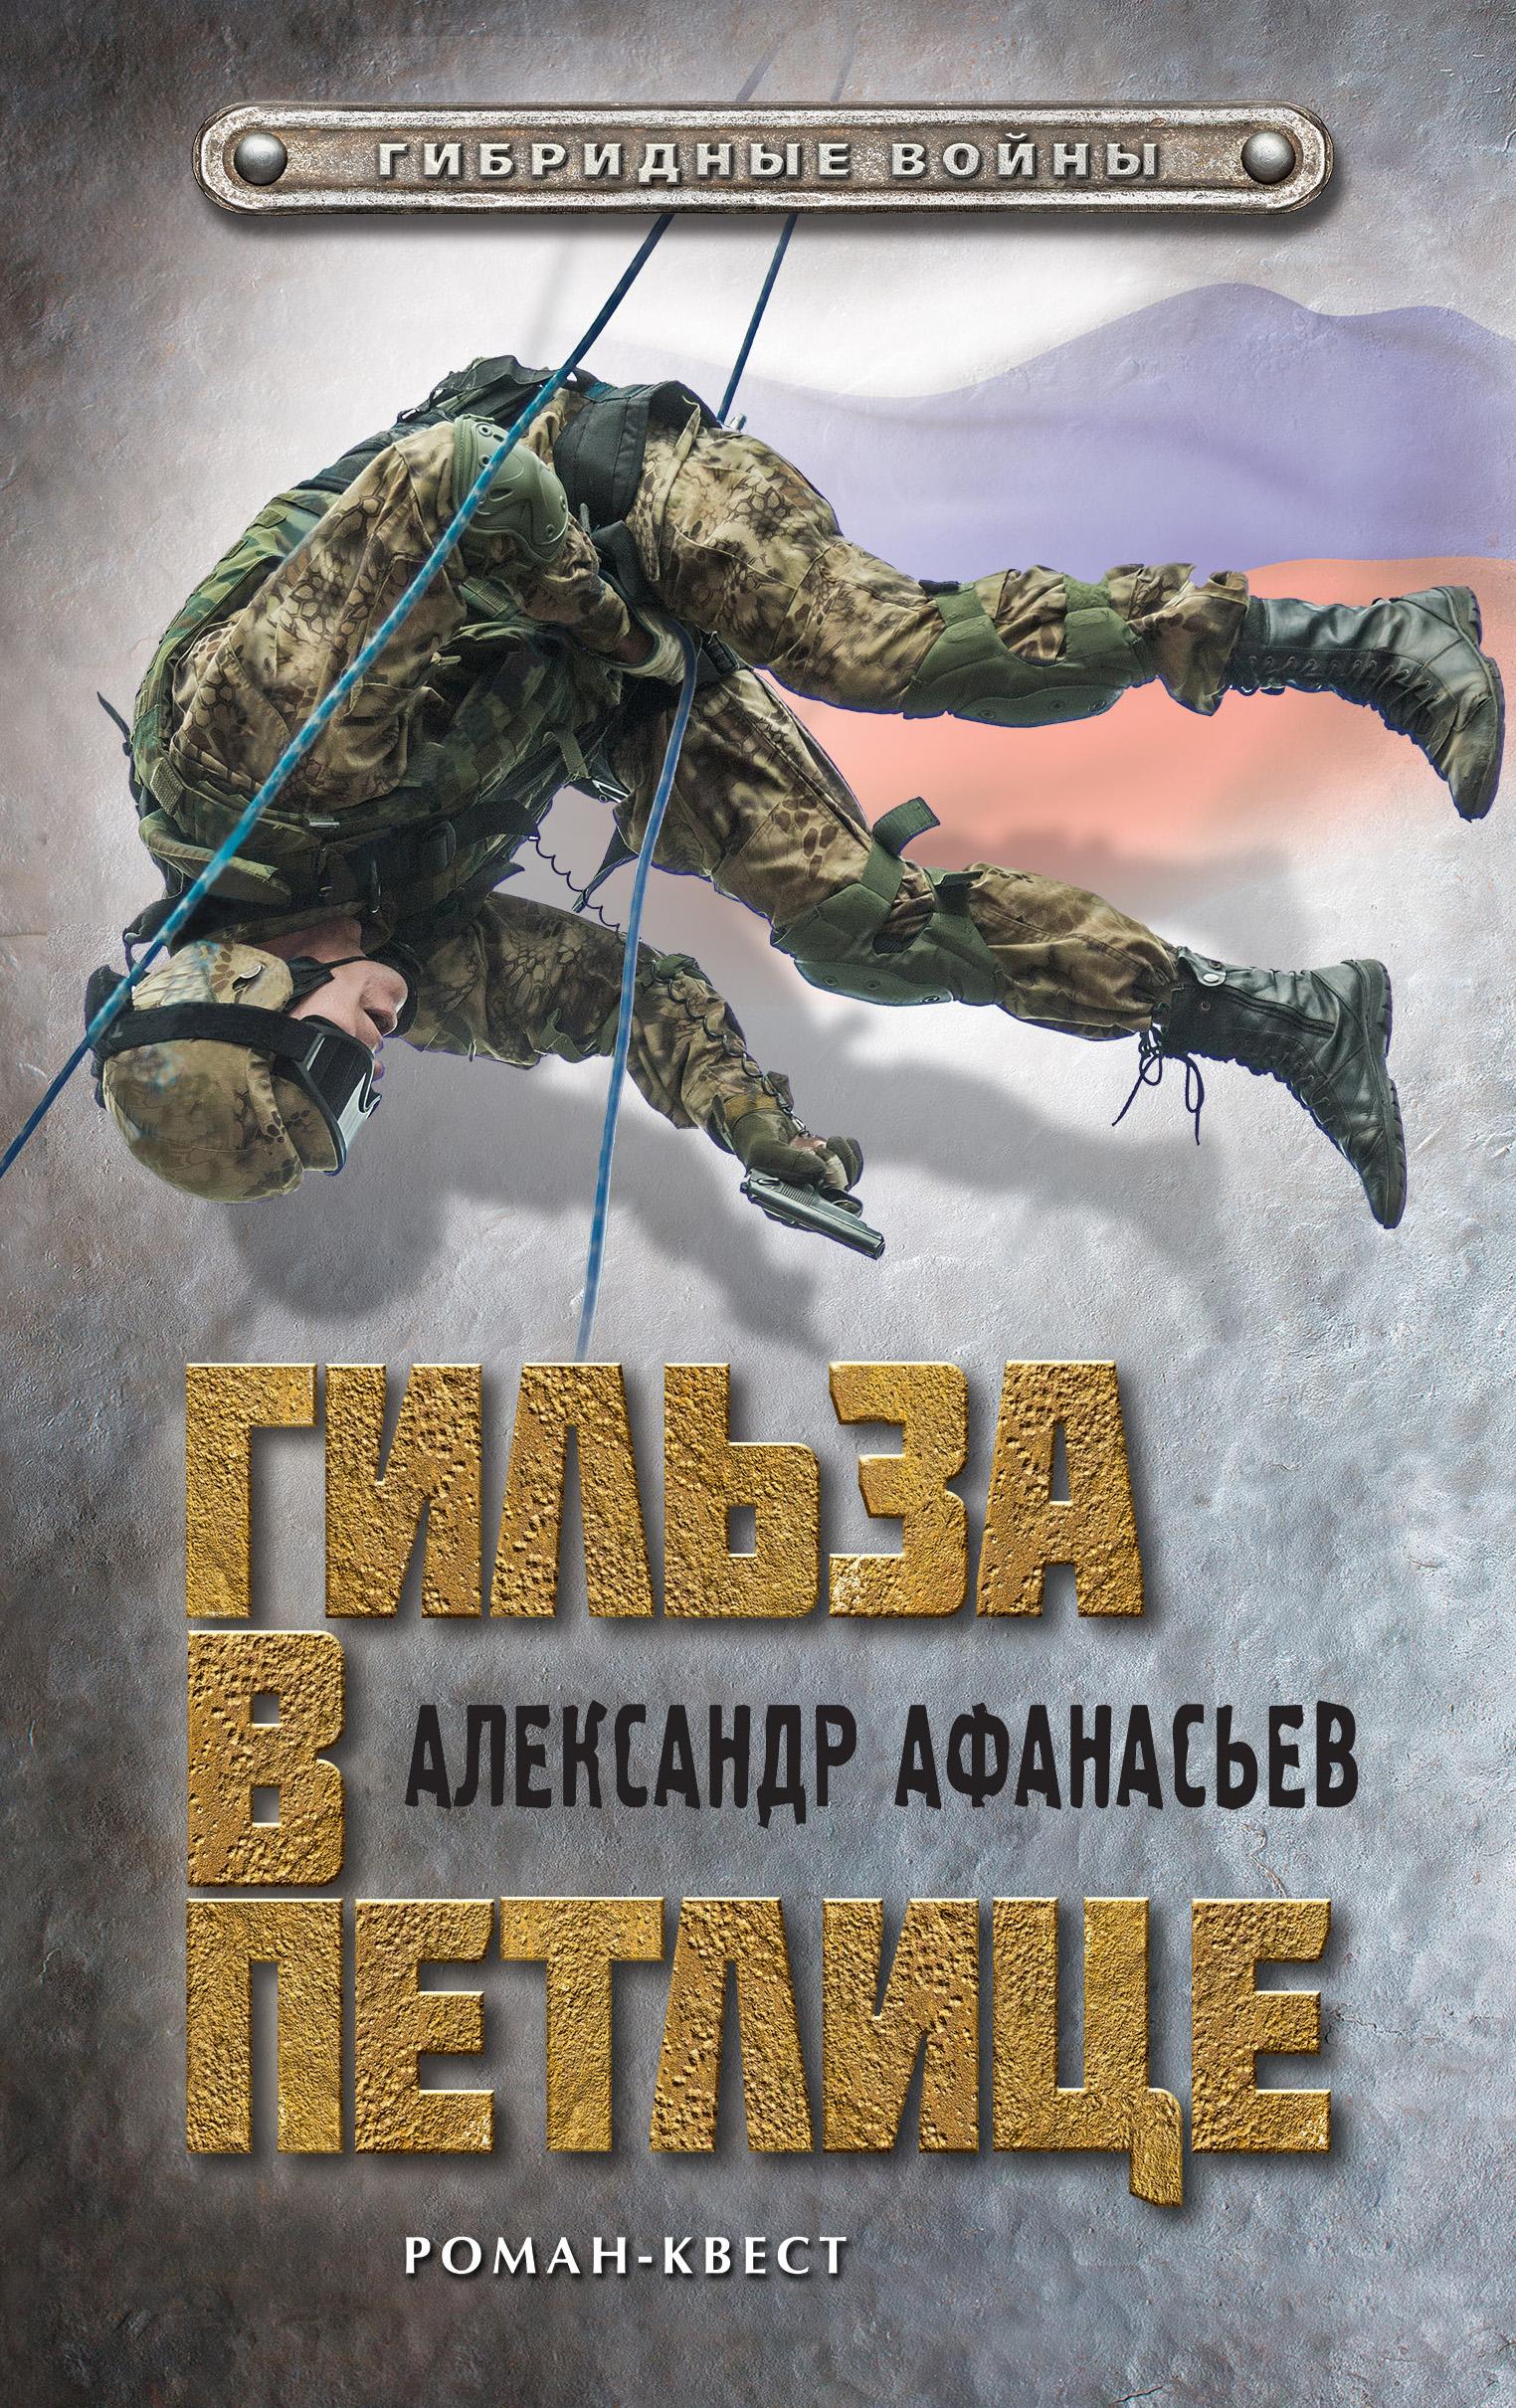 афанасьев а гильза в петлице Александр Афанасьев Гильза в петлице